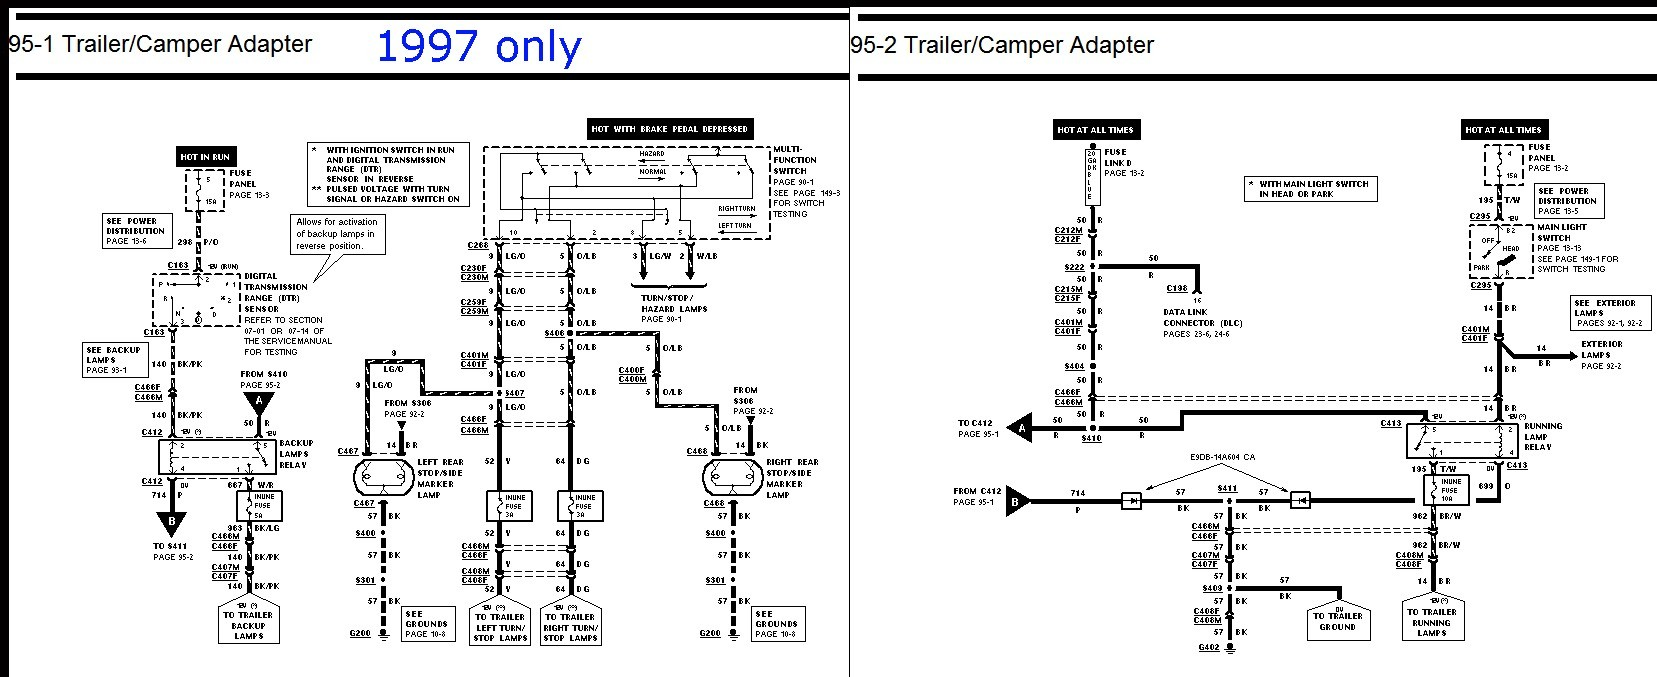 Semi Trailer Wiring Diagram Best Trailer to ford F350 Wiring Diagram Wiring Diagram